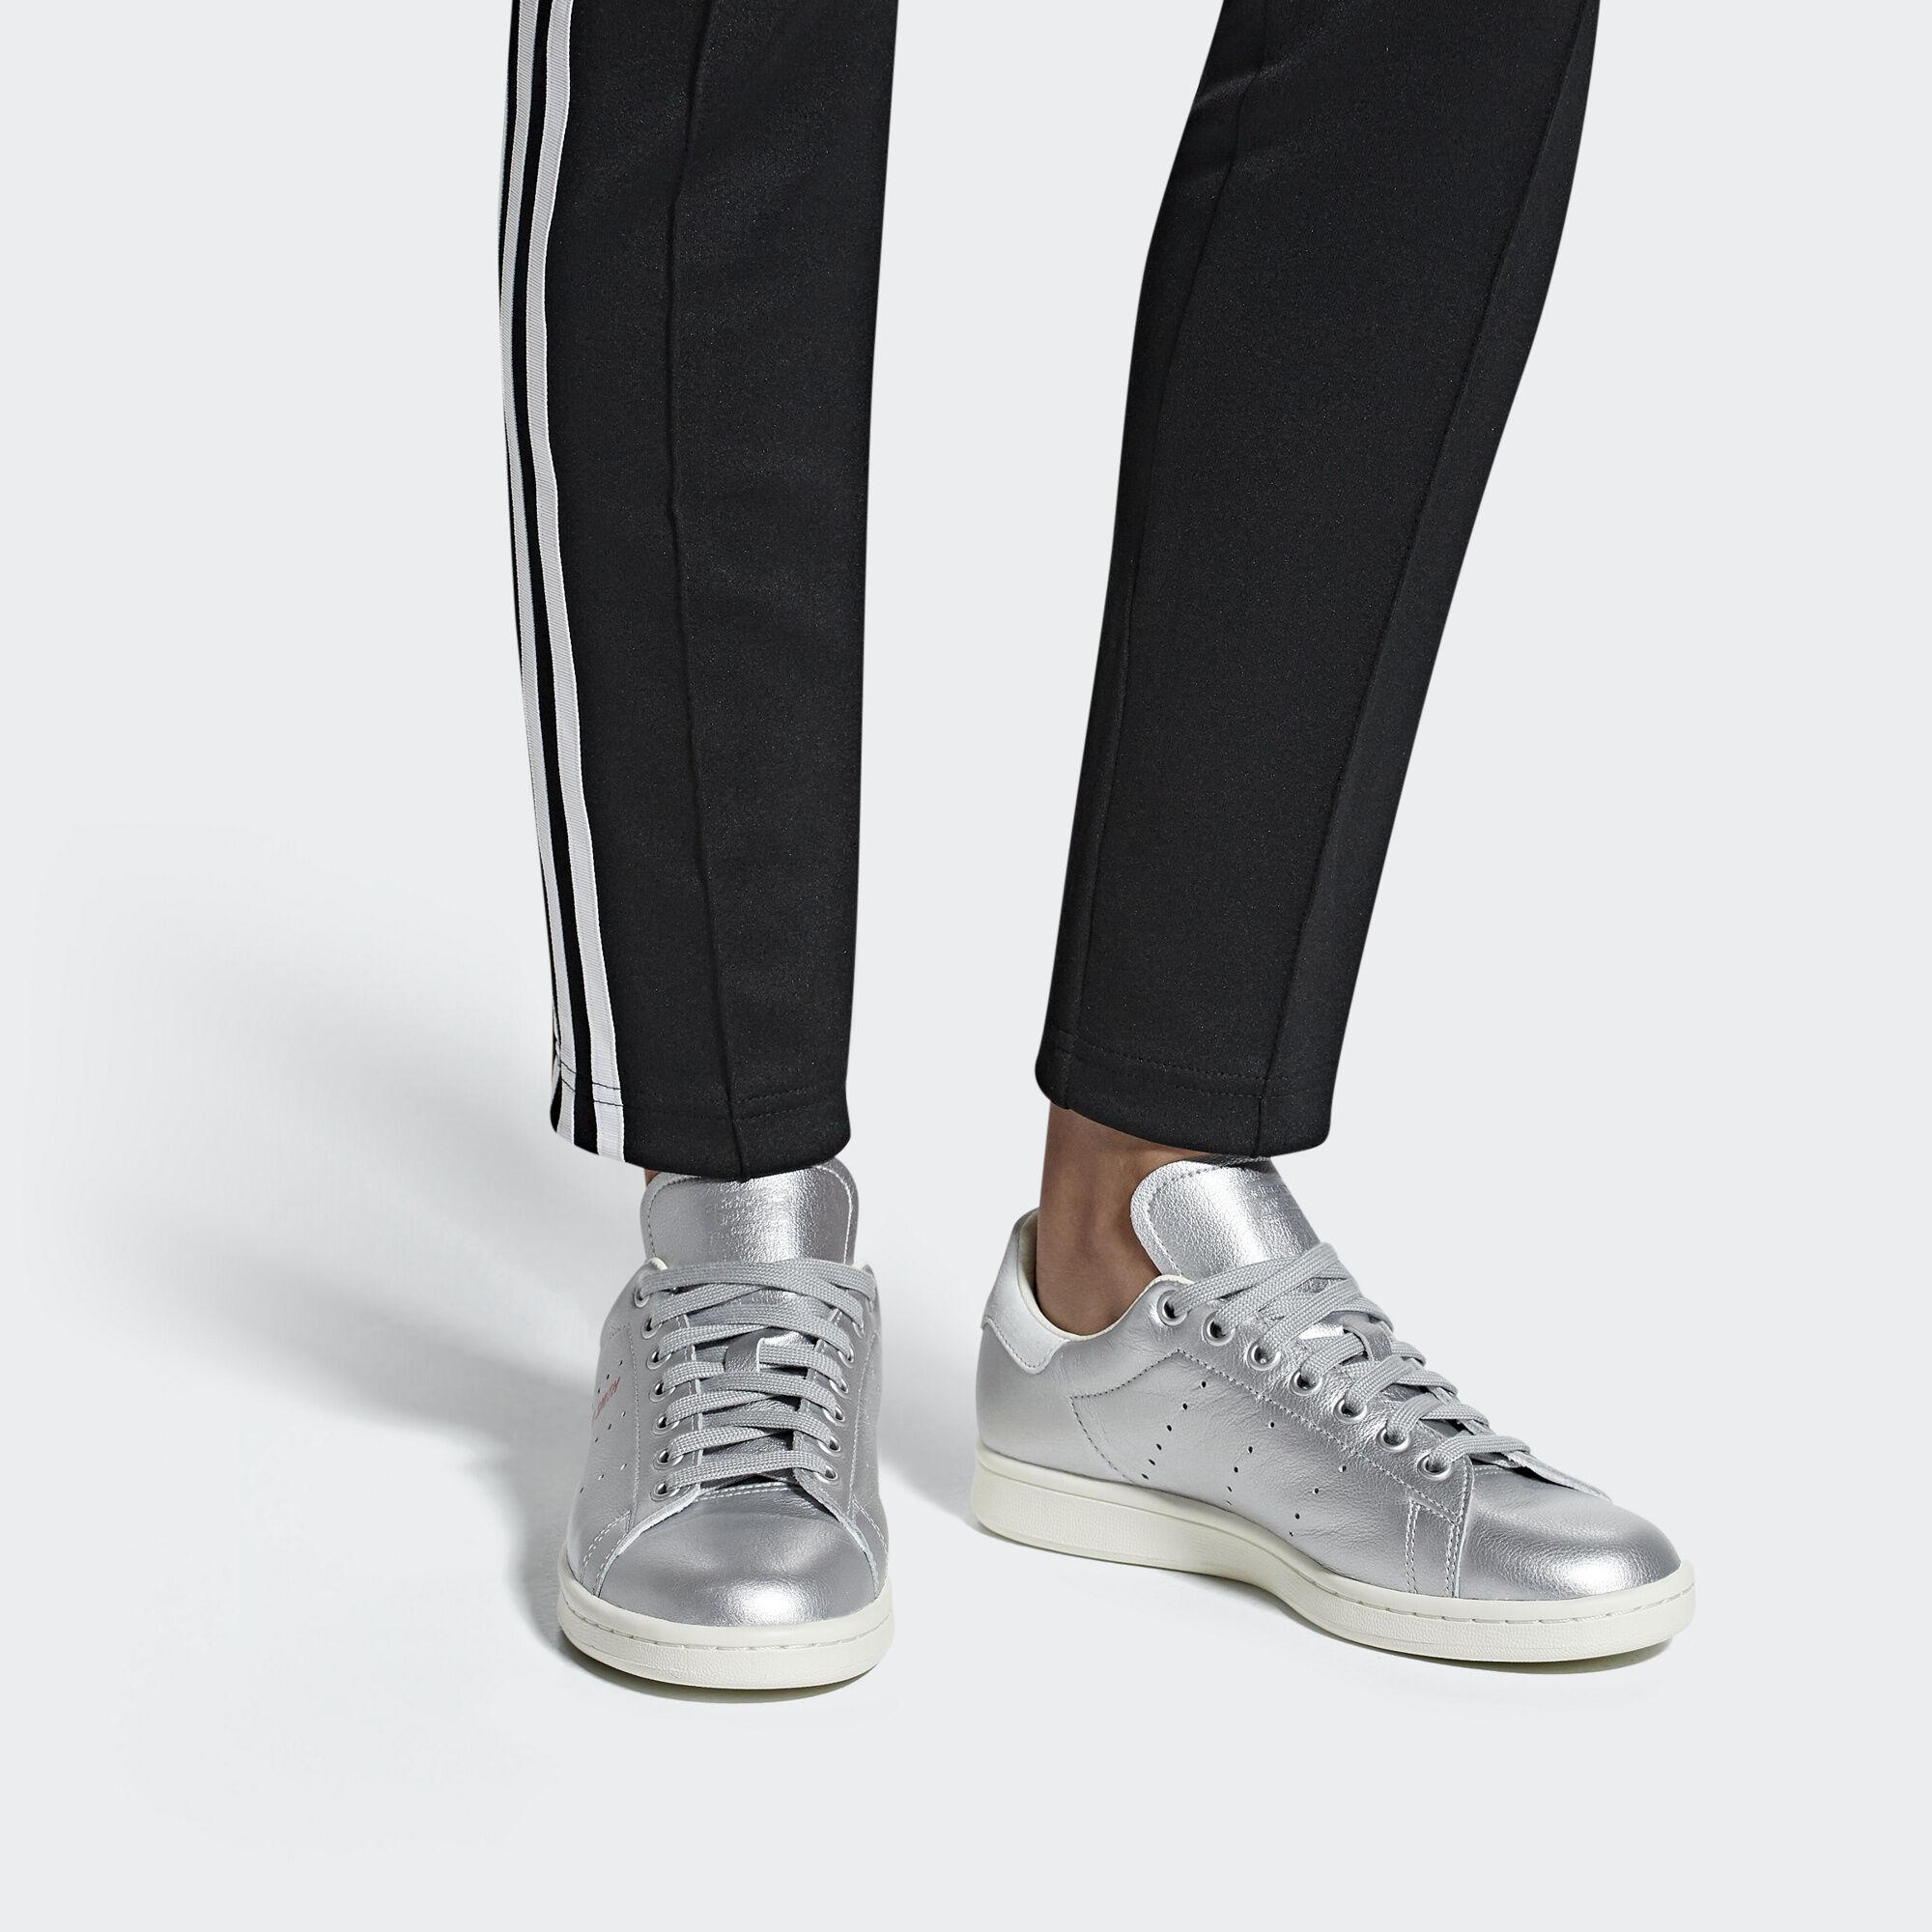 adidas Sapatos Stan Smith - Branco  3fec03a7d7c45